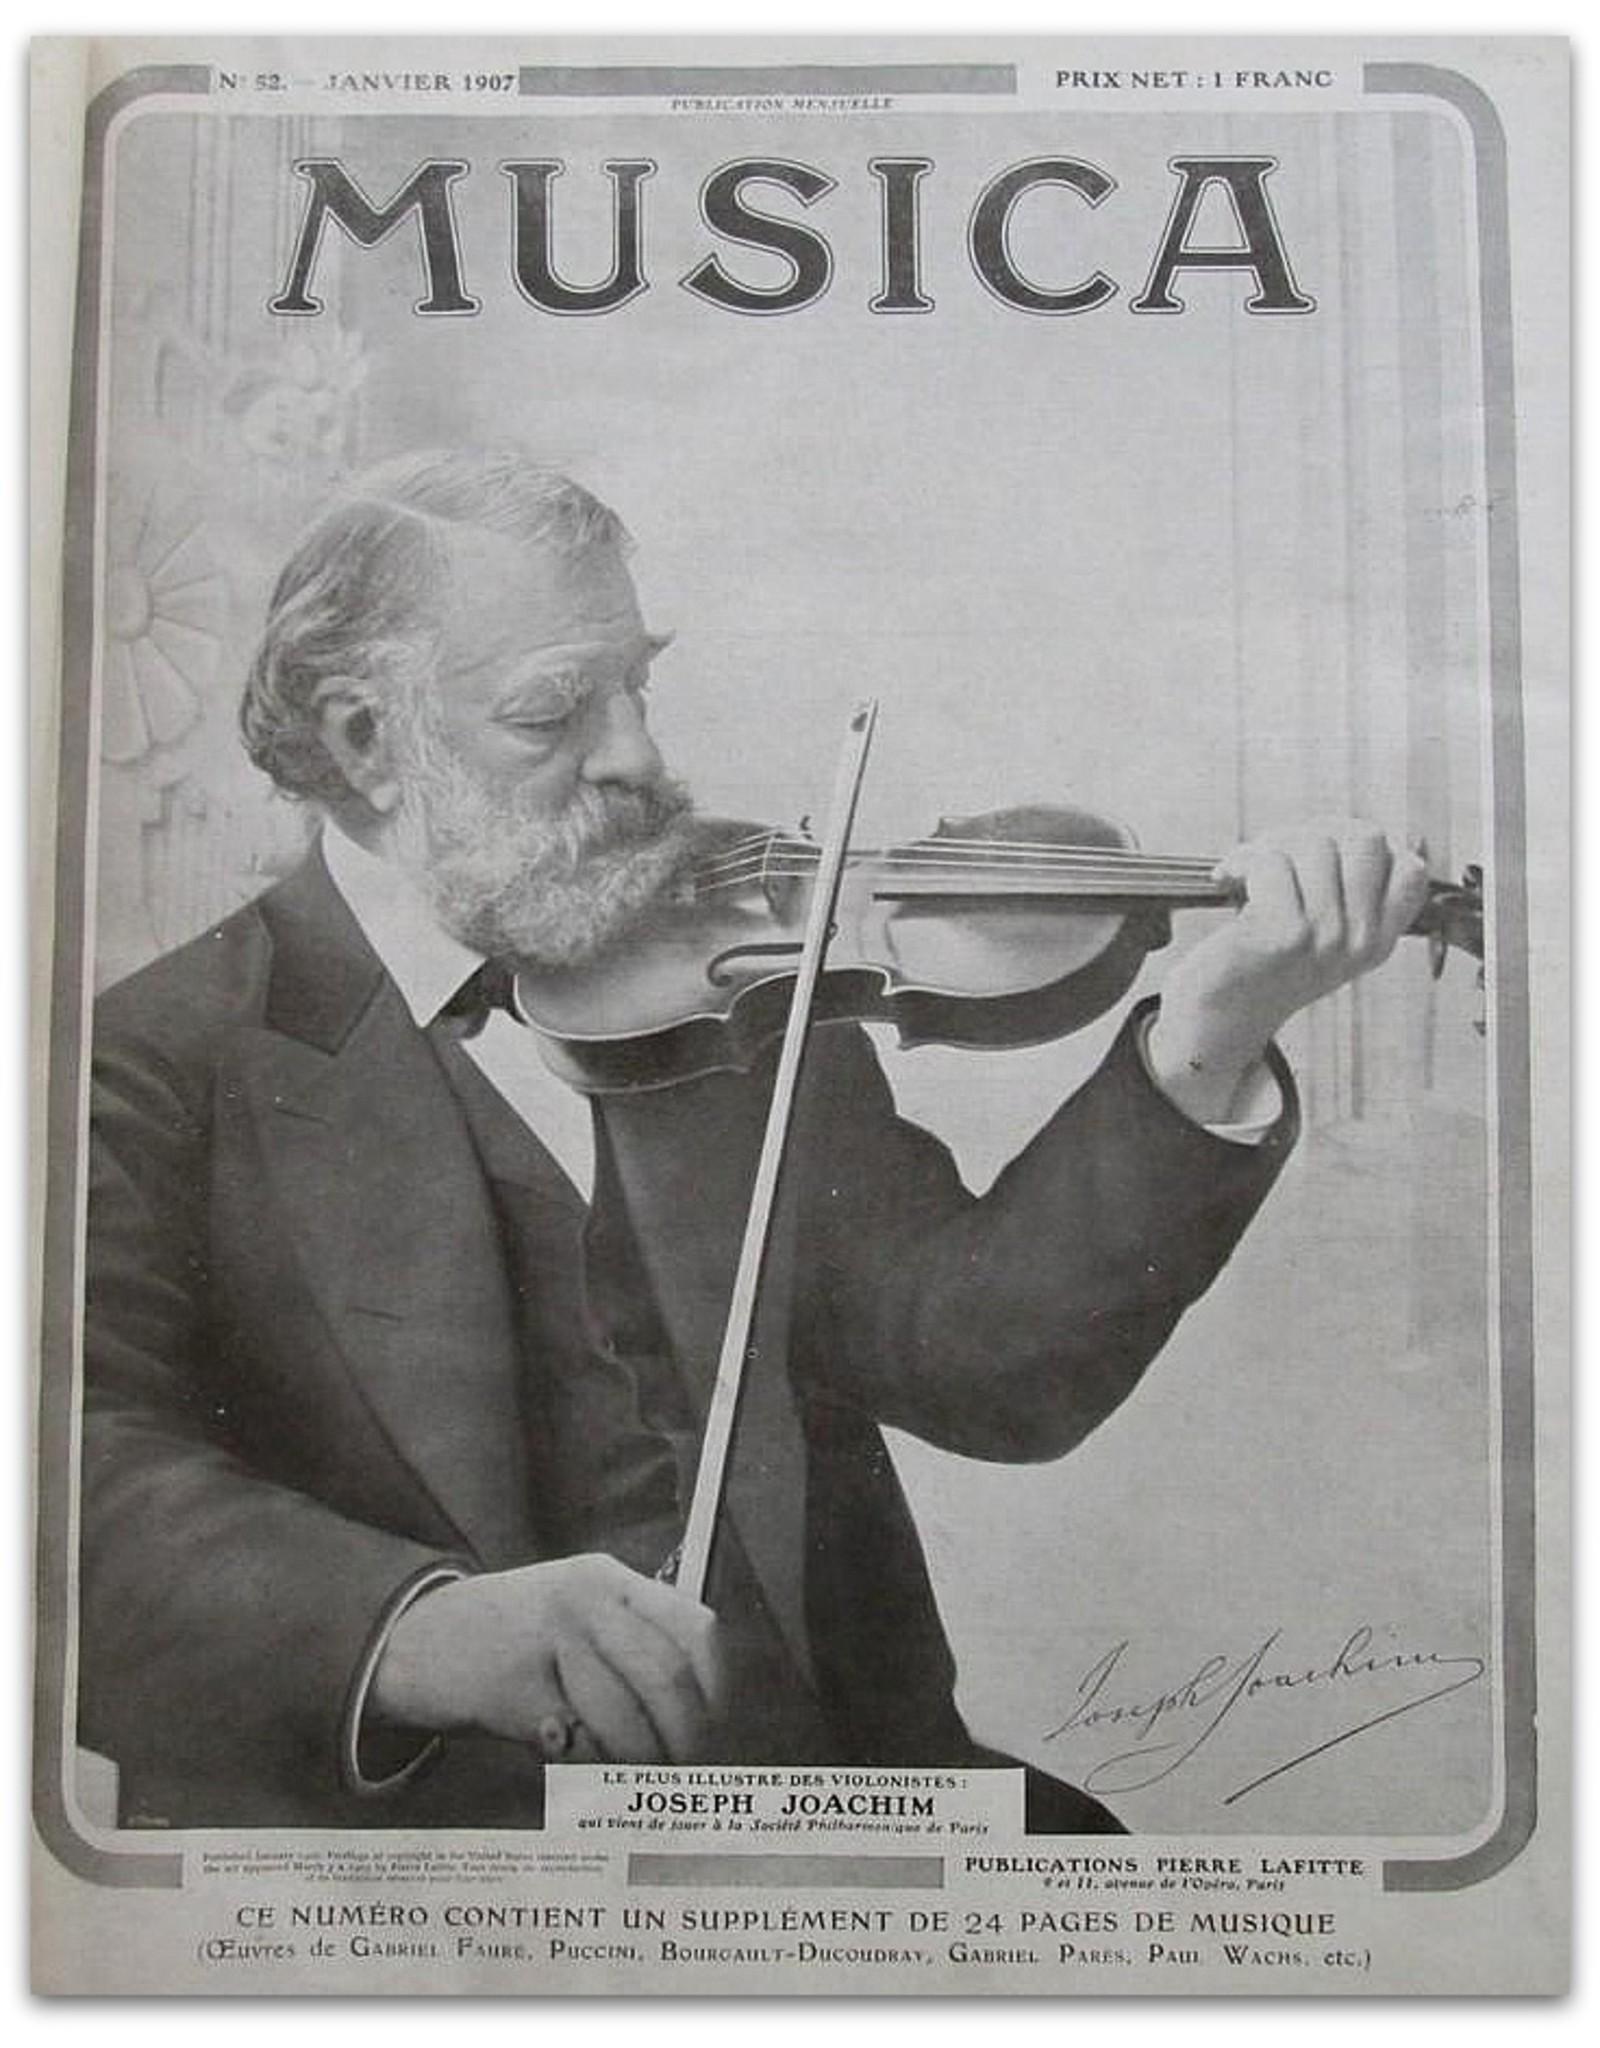 Camille Saint Saens - Musica [Sixième année 1907: Janvier No. 52 t/m Décembre No.63]